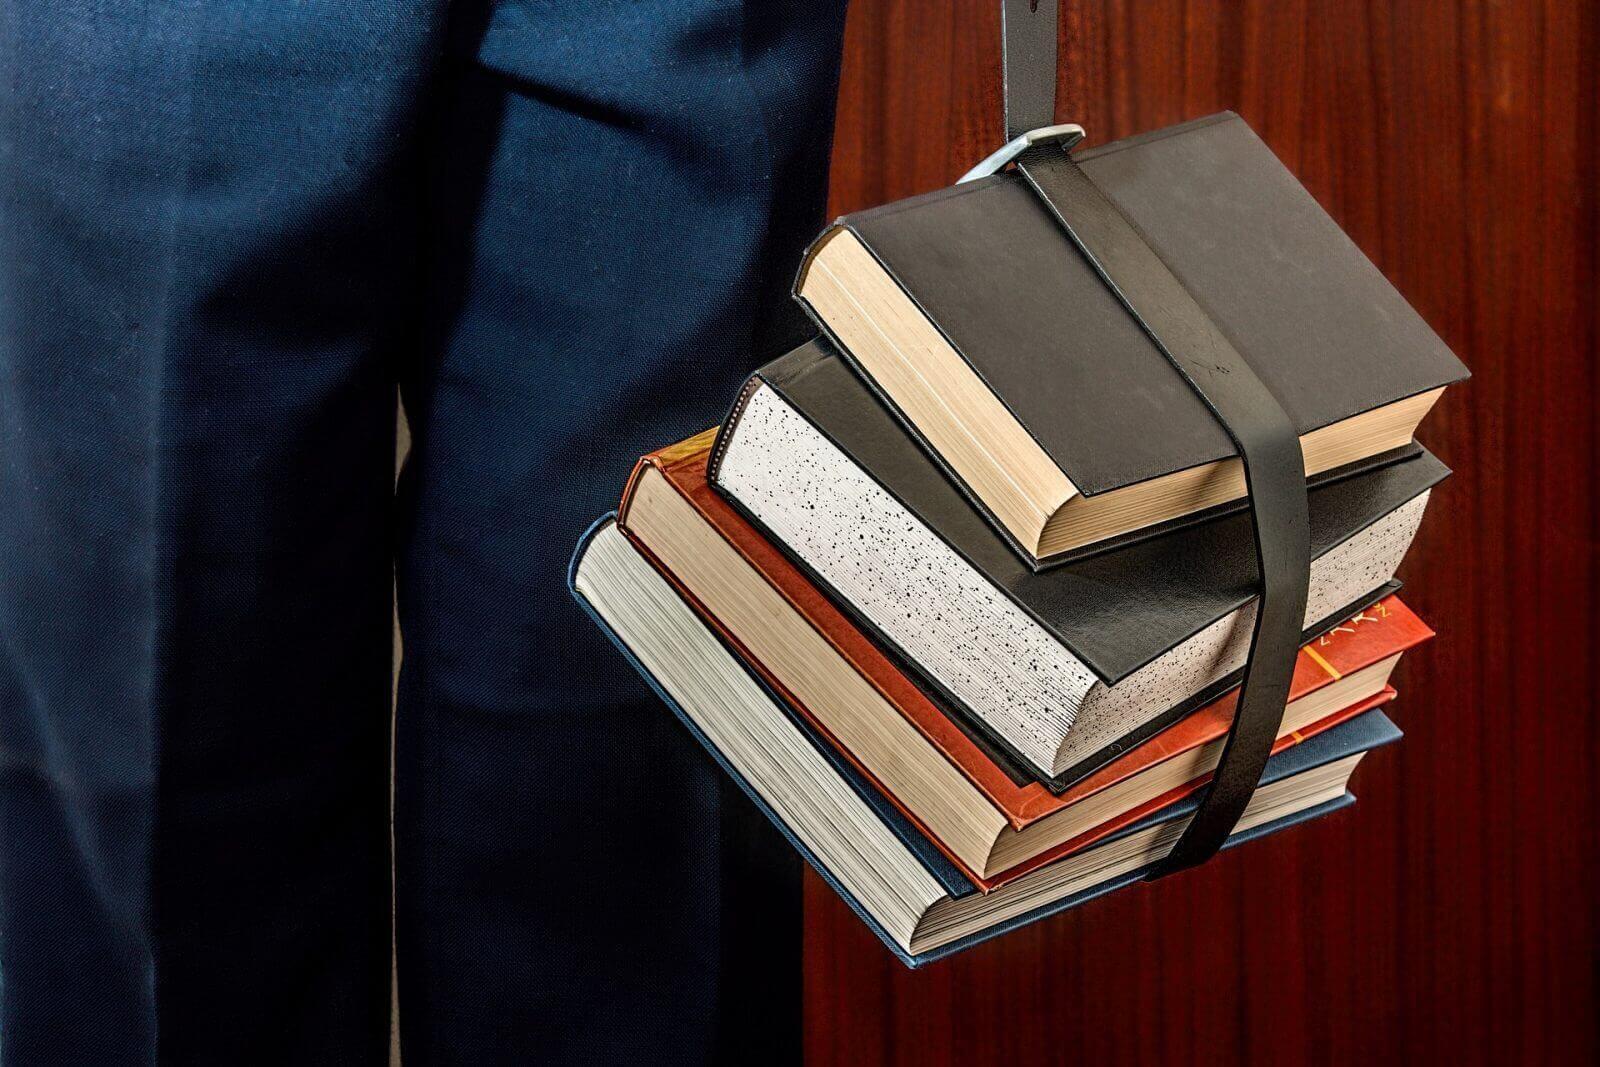 Les universitaires davantage touchés par le chômage en Suisse romande